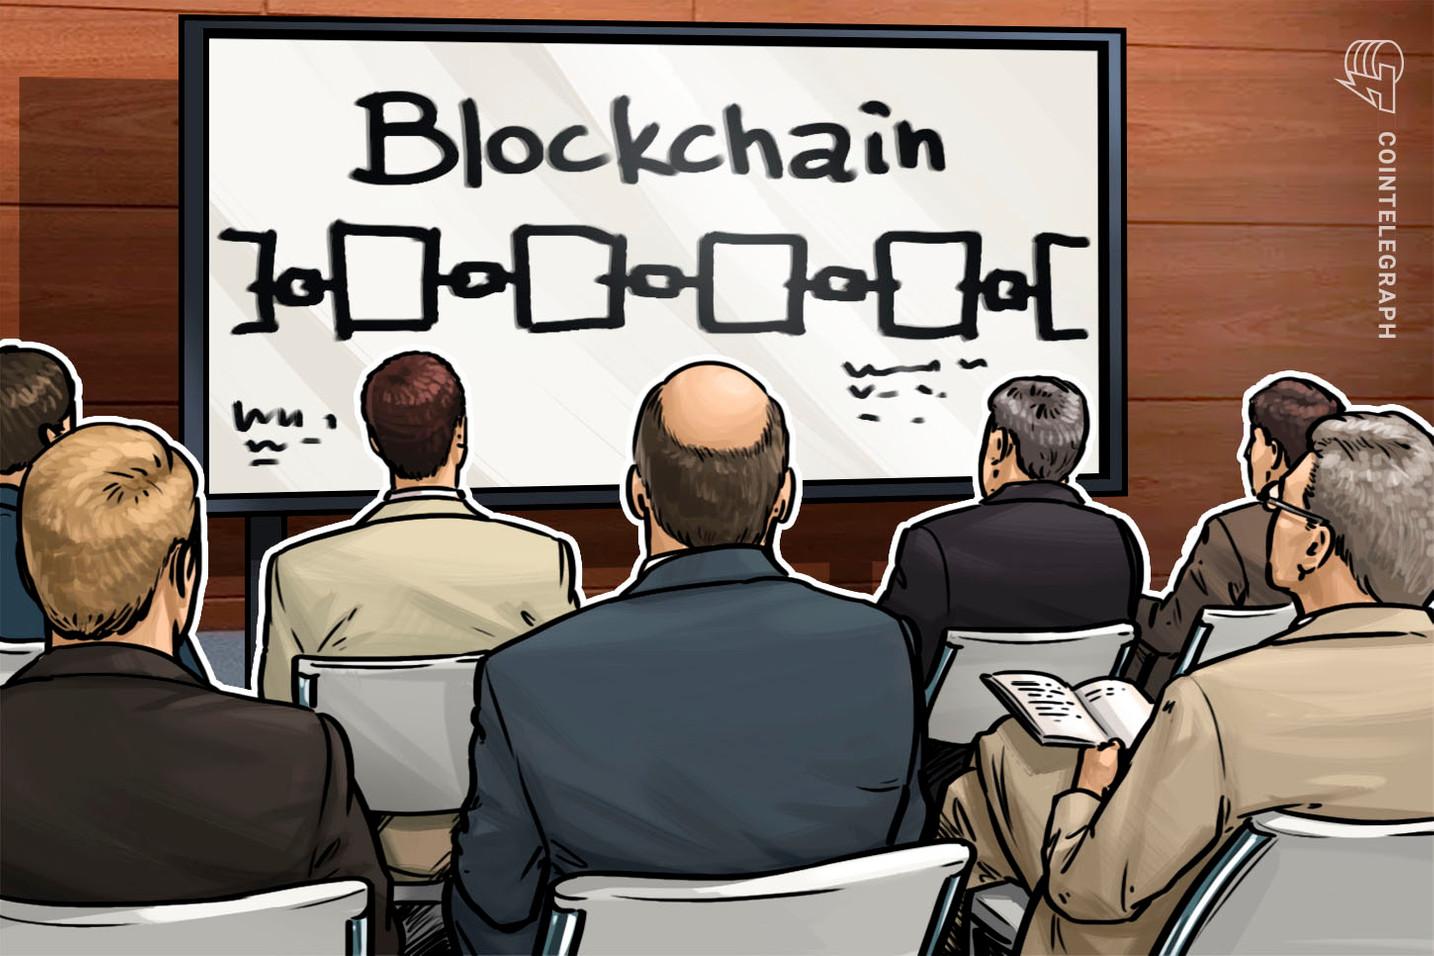 Gartner: Blockchain Trendi 2020'de Popülaritesini Koruyacak